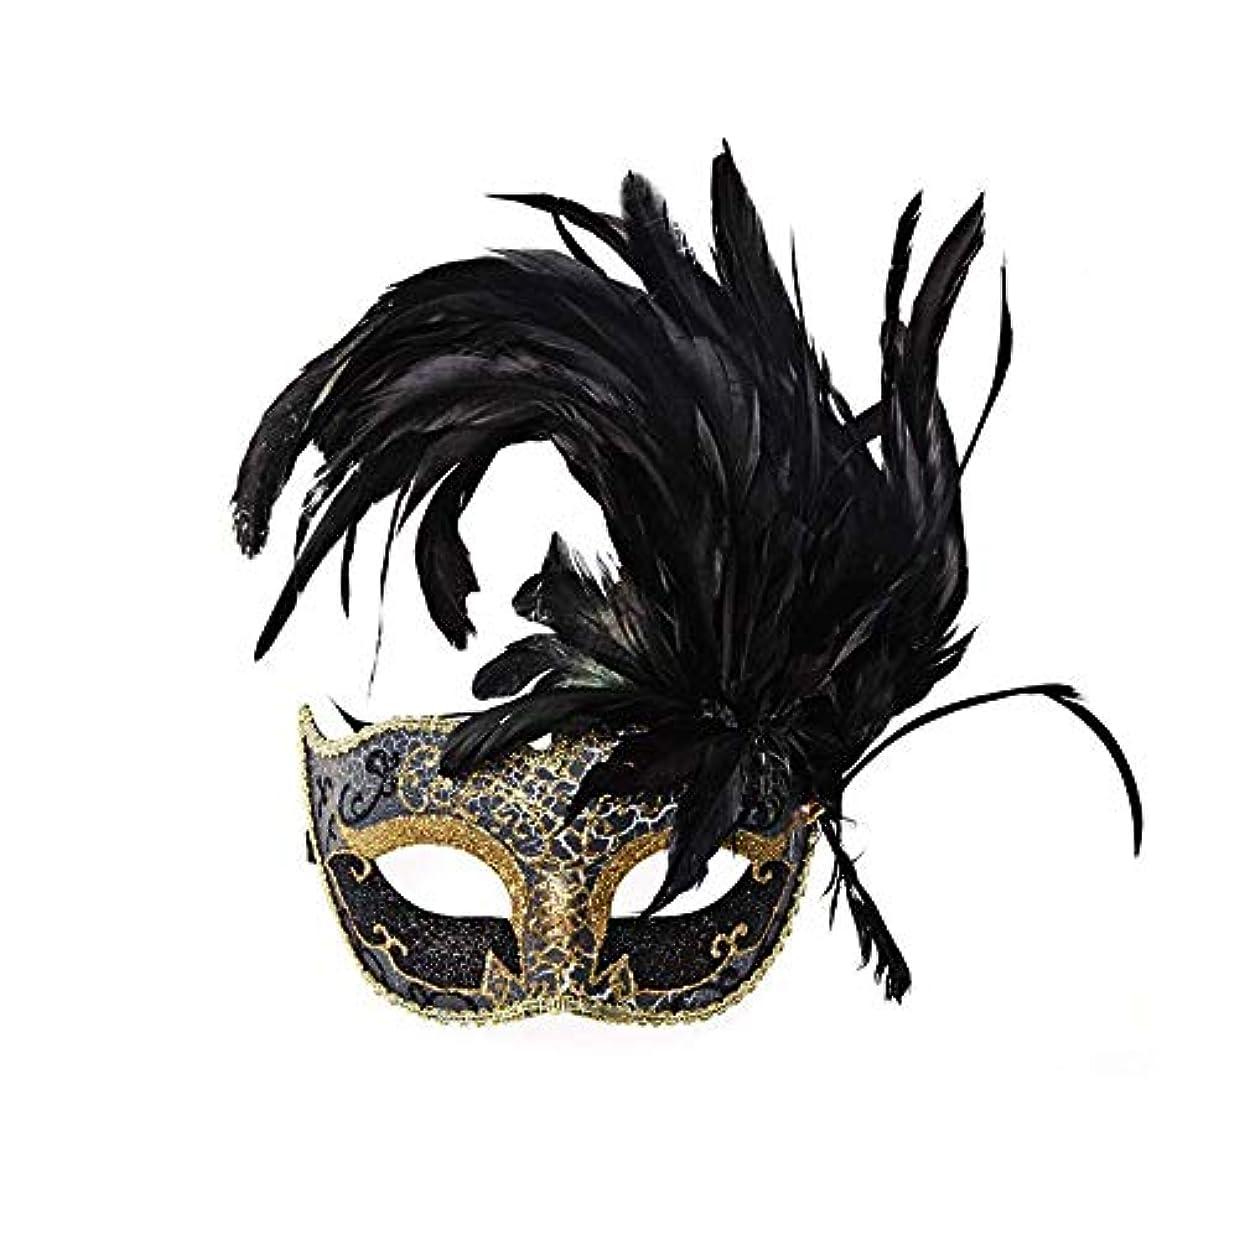 最も遠い晩ごはん船形Nanle ハロウィンマスクハーフフェザーマスクベニスプリンセスマスク美容レース仮面ライダーコスプレ (色 : Style A black)